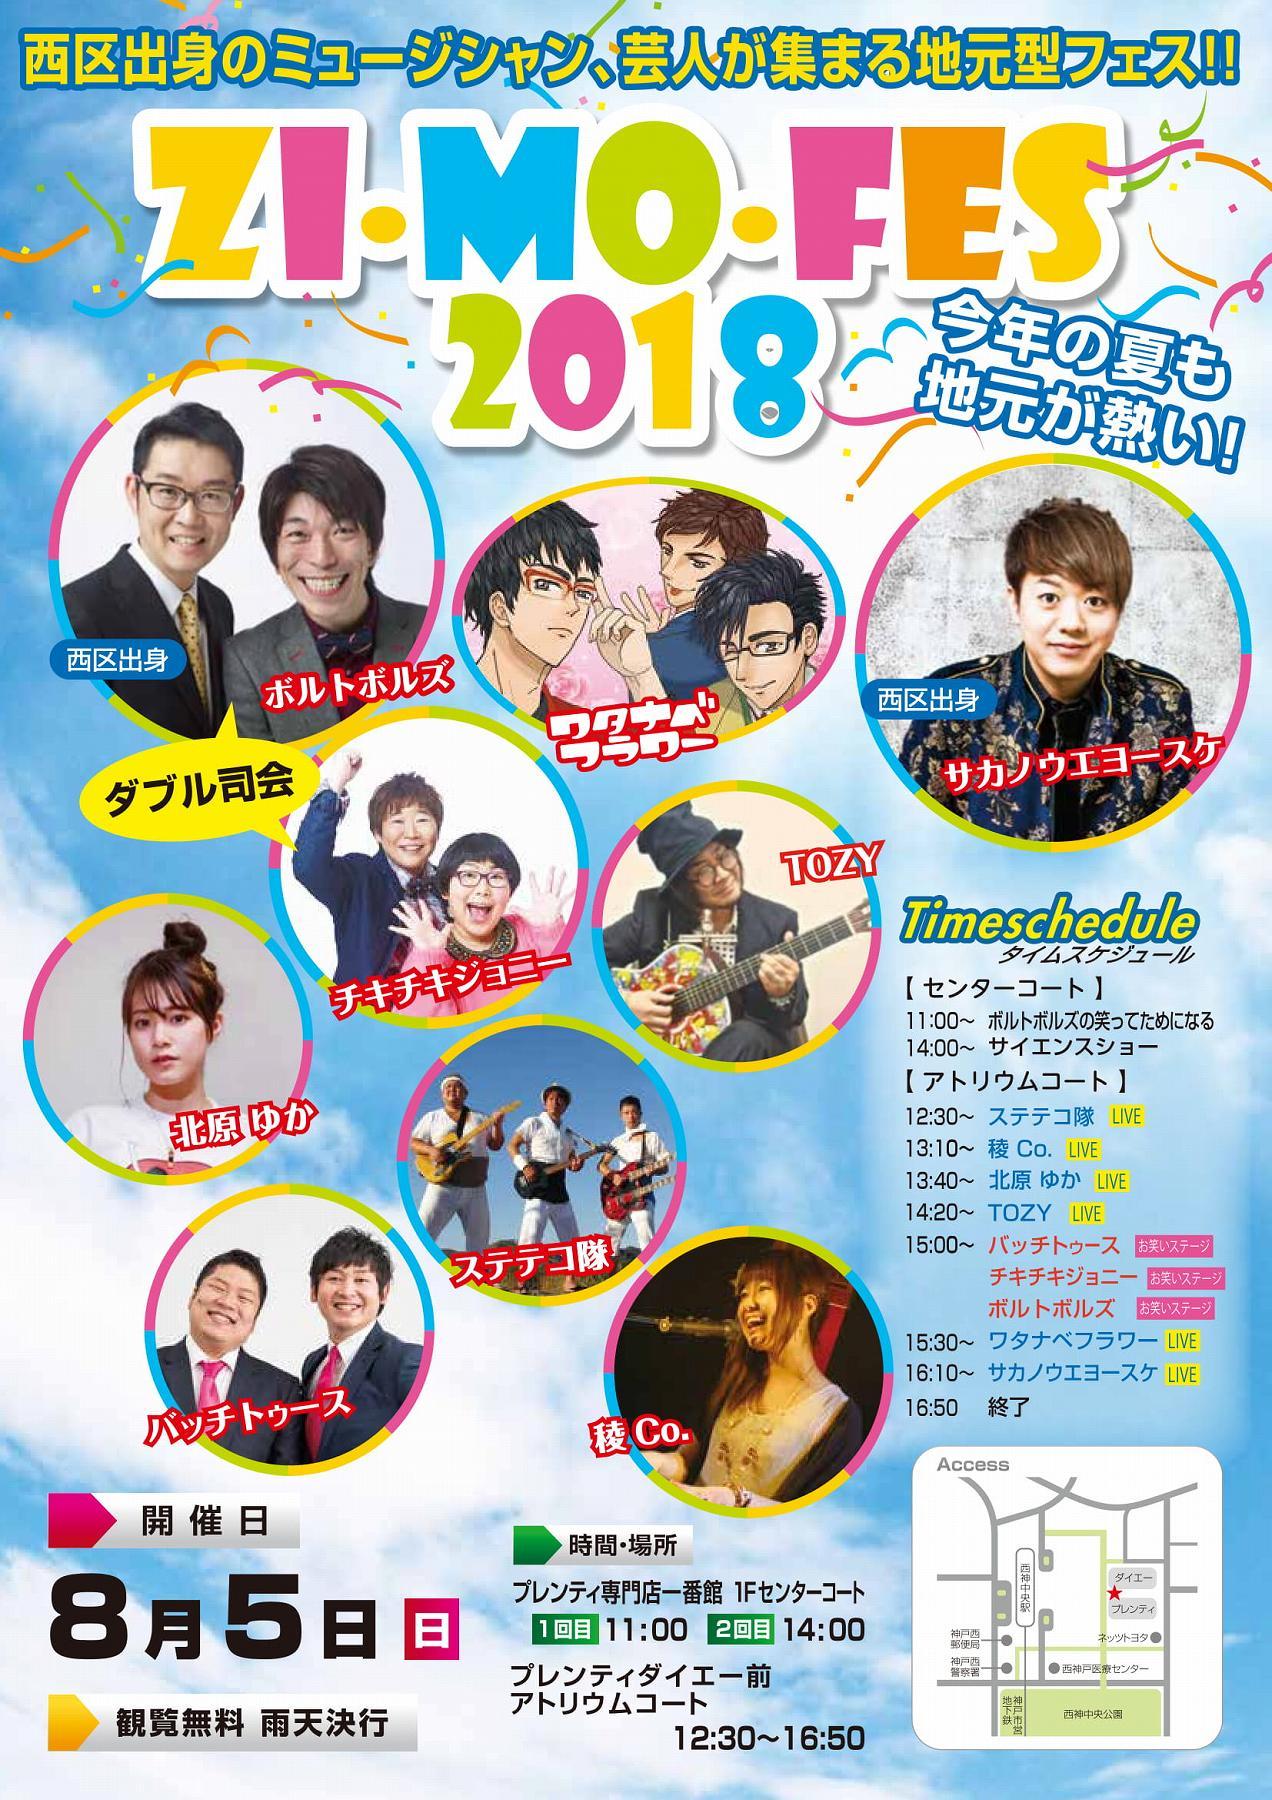 神戸・西区の「プレンティ」で8/5(日)「ZI・MO・FES 2018」が開催されるよ! #ZI・MO・FES2018 #プレンティ #神戸市西区 #夏祭り #ワタナベフラワー